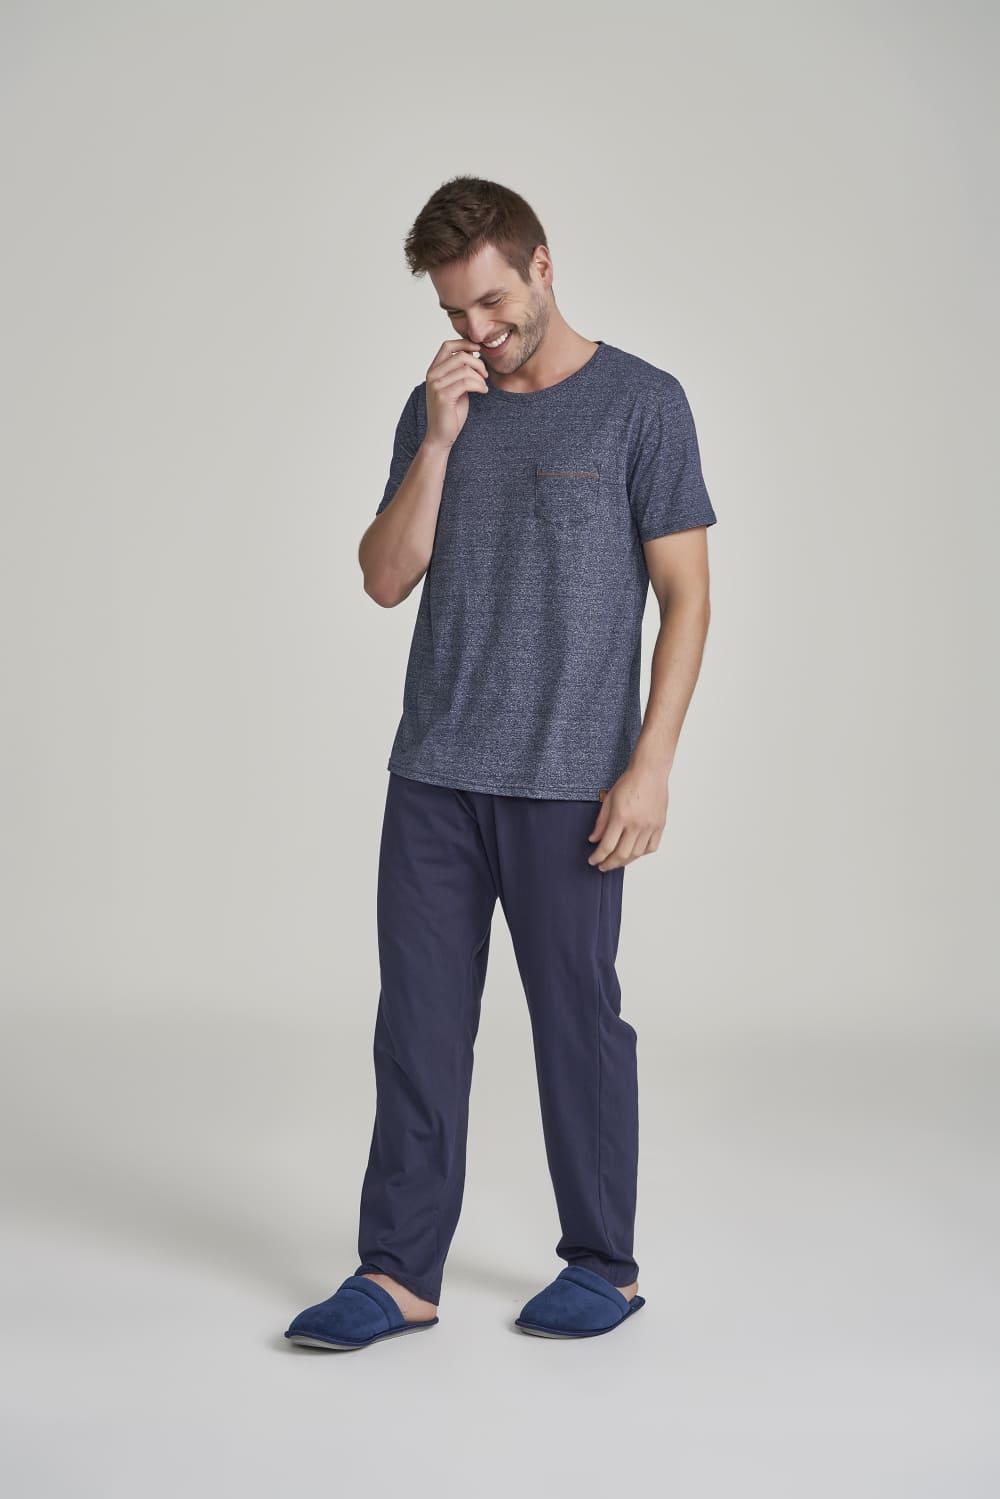 Pijama Calça Manga Curta Masculino